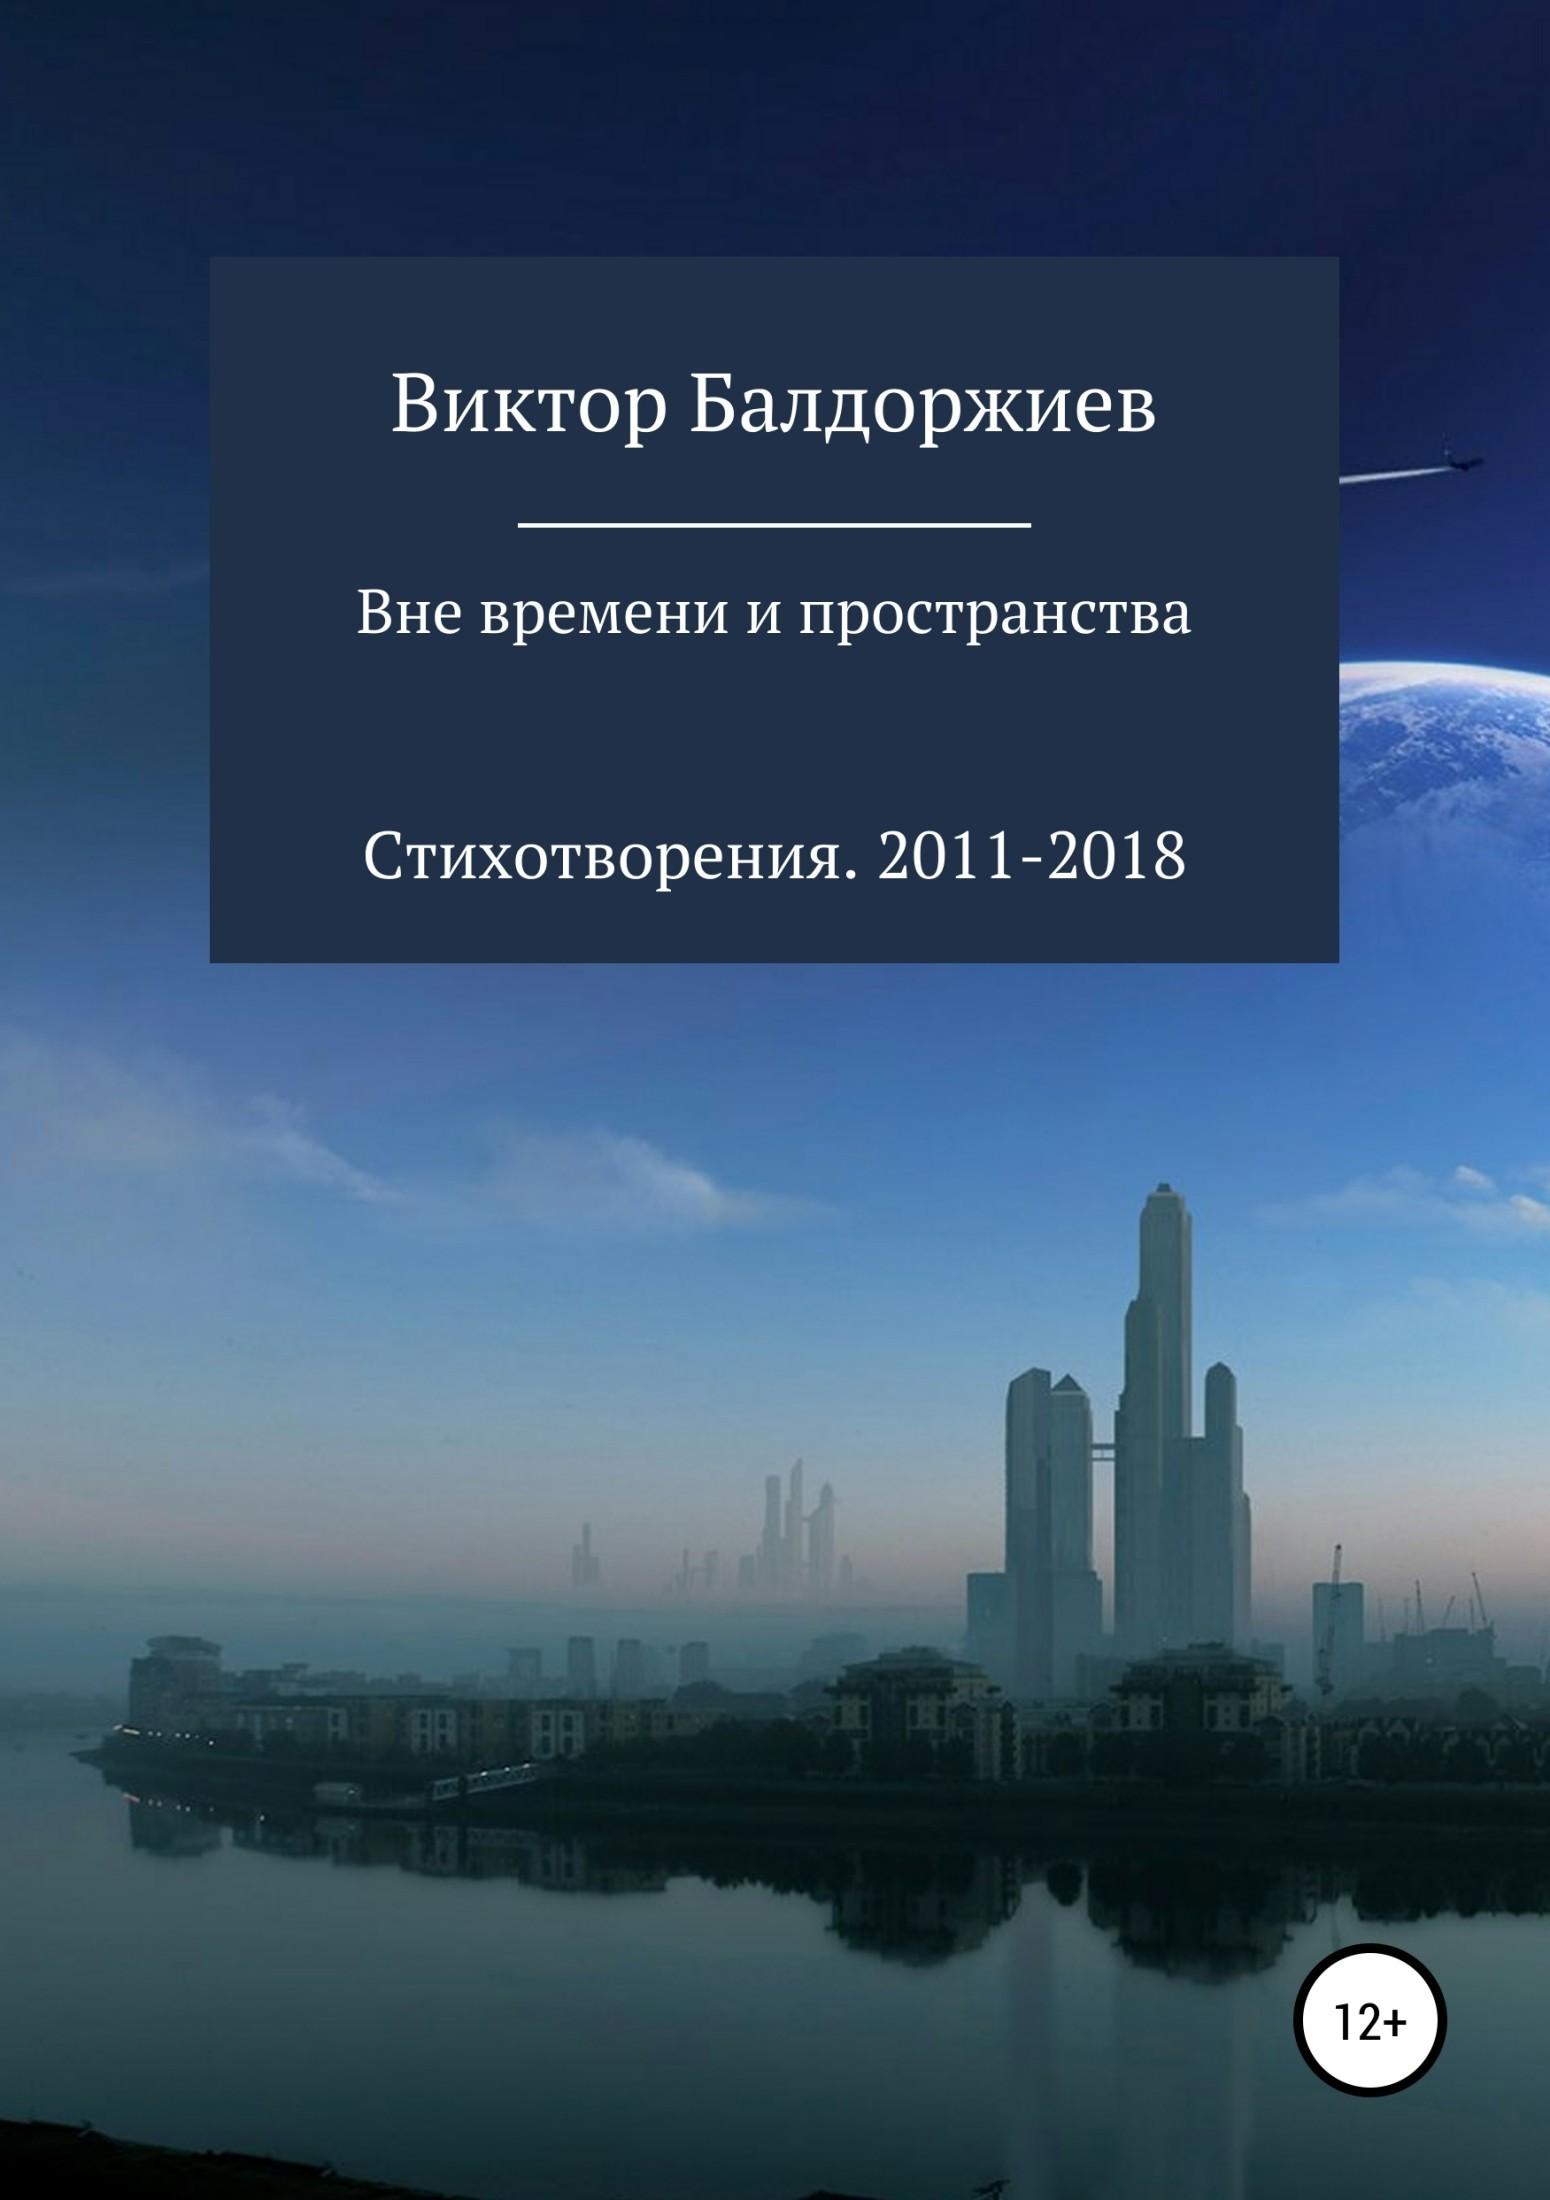 Виктор Балдоржиев Вне времени и пространства виктор балдоржиев земля взаймы